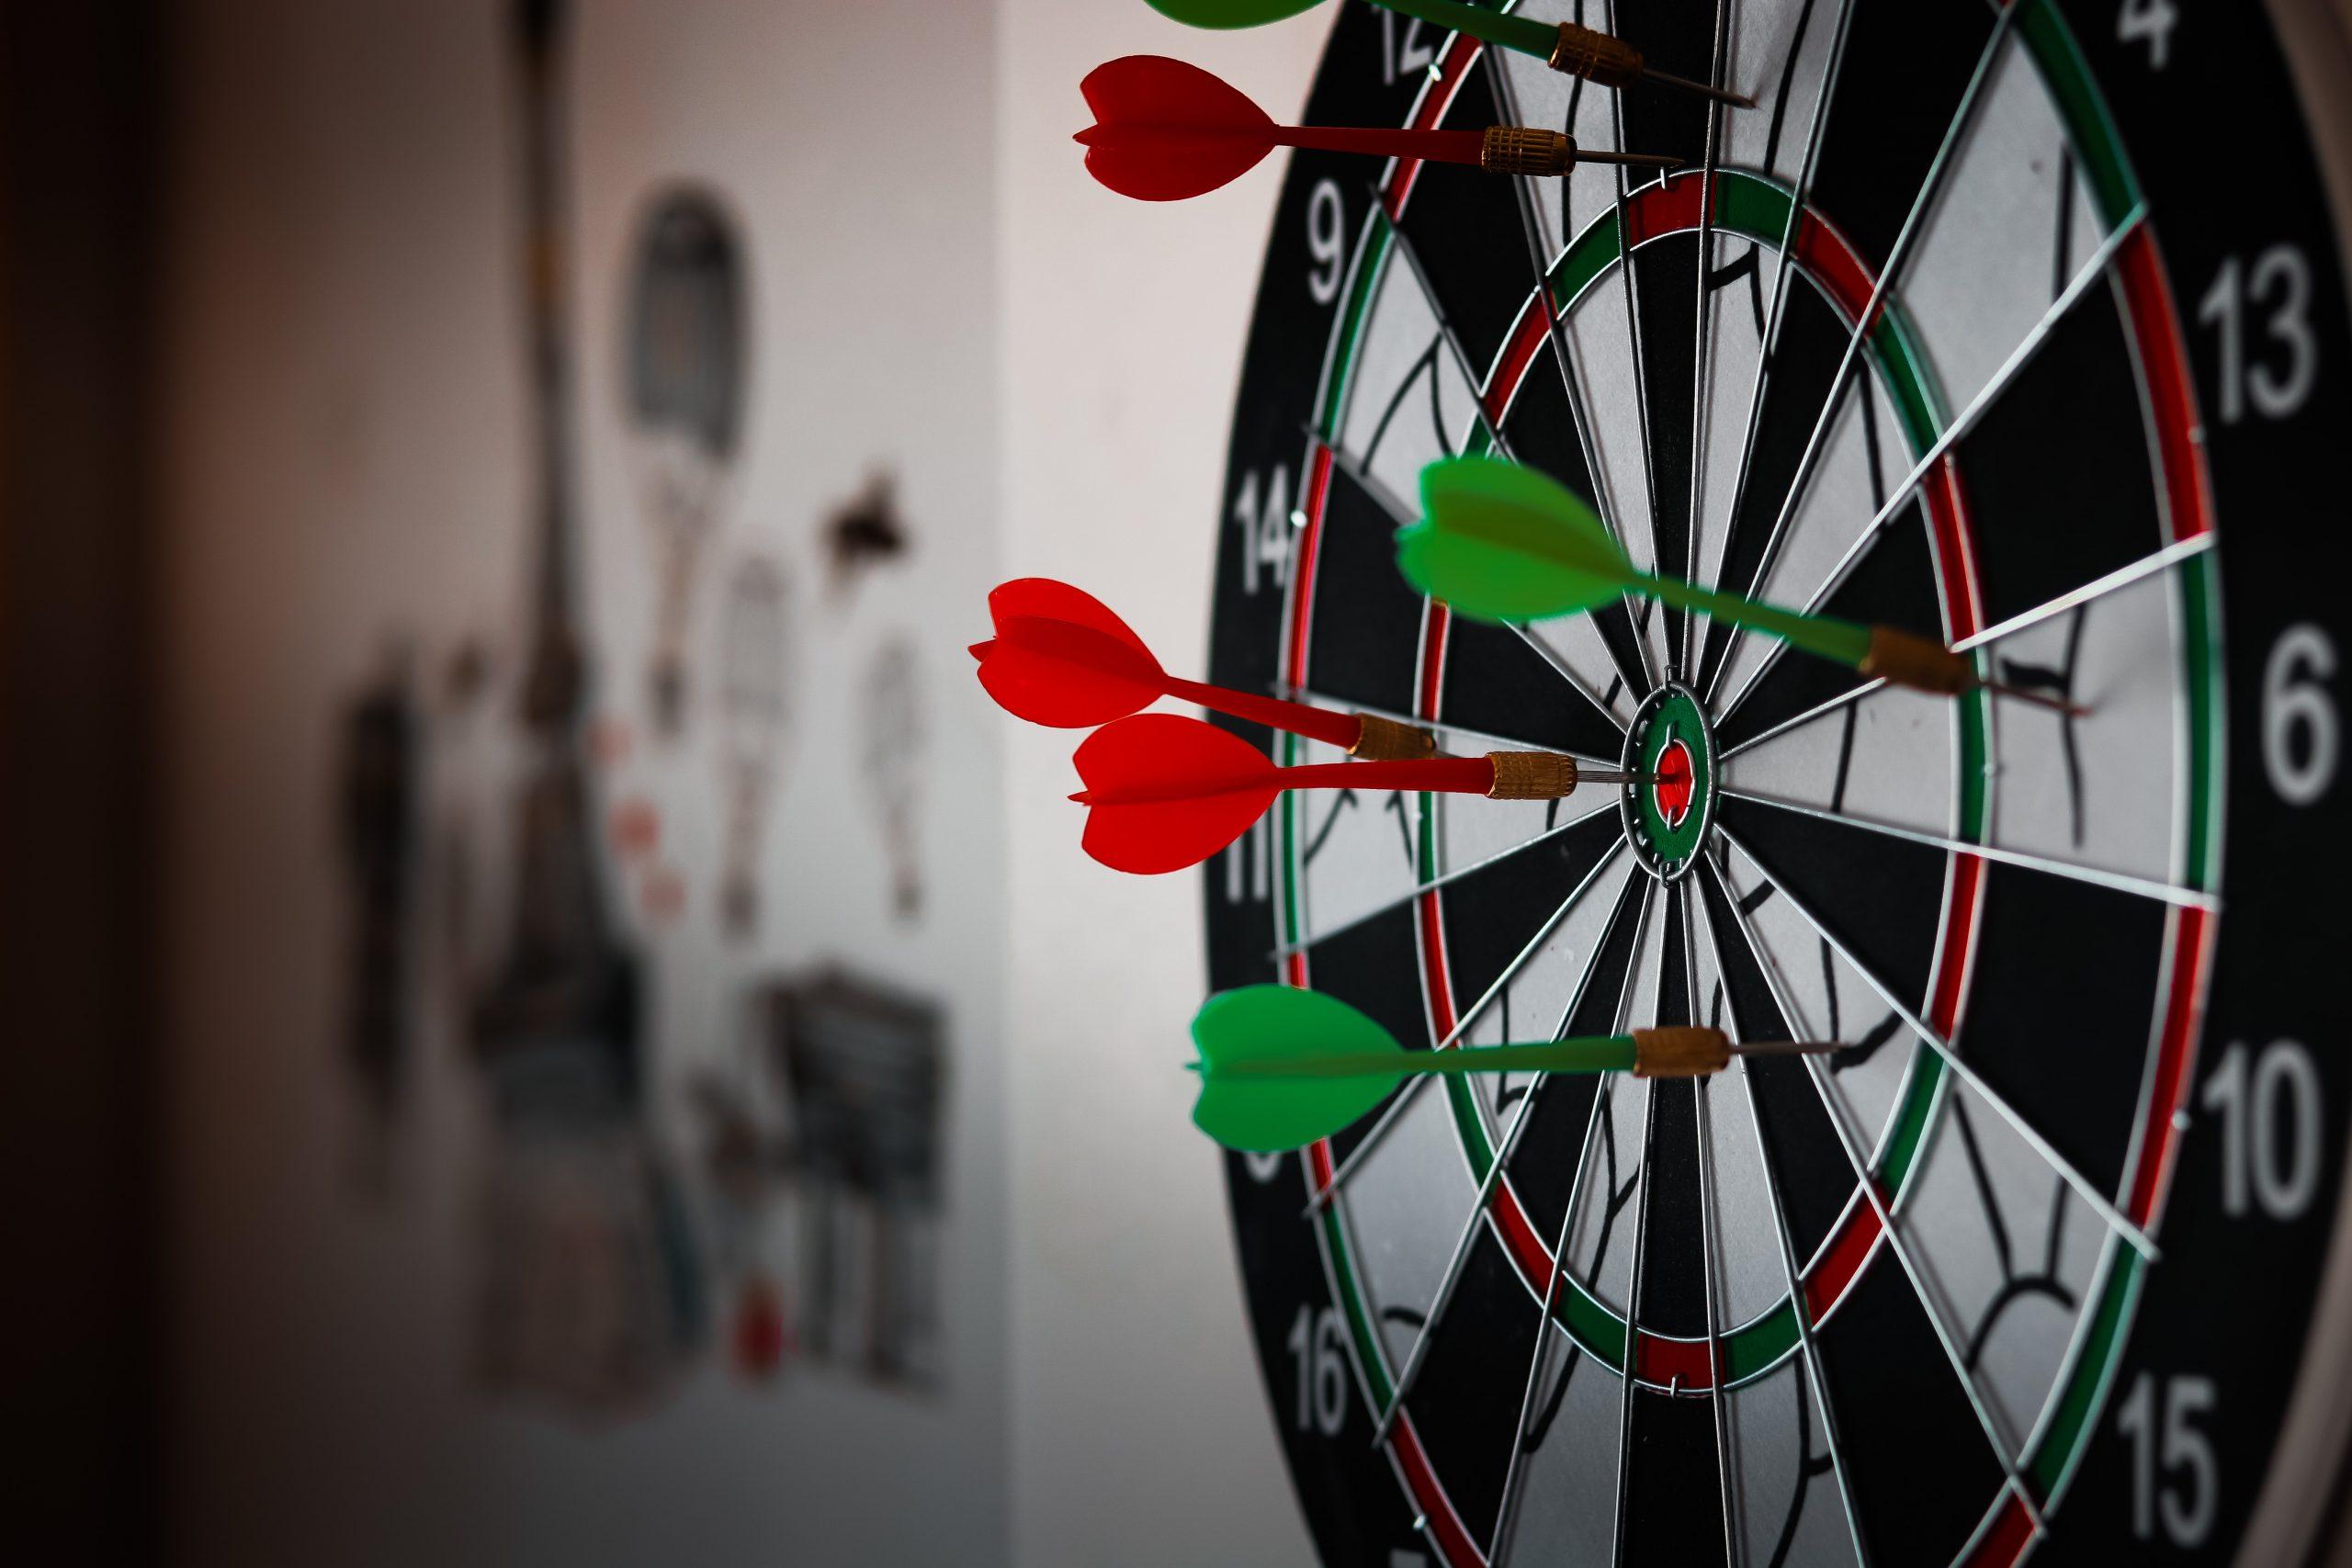 Winkelen voor darts in een dartwinkels